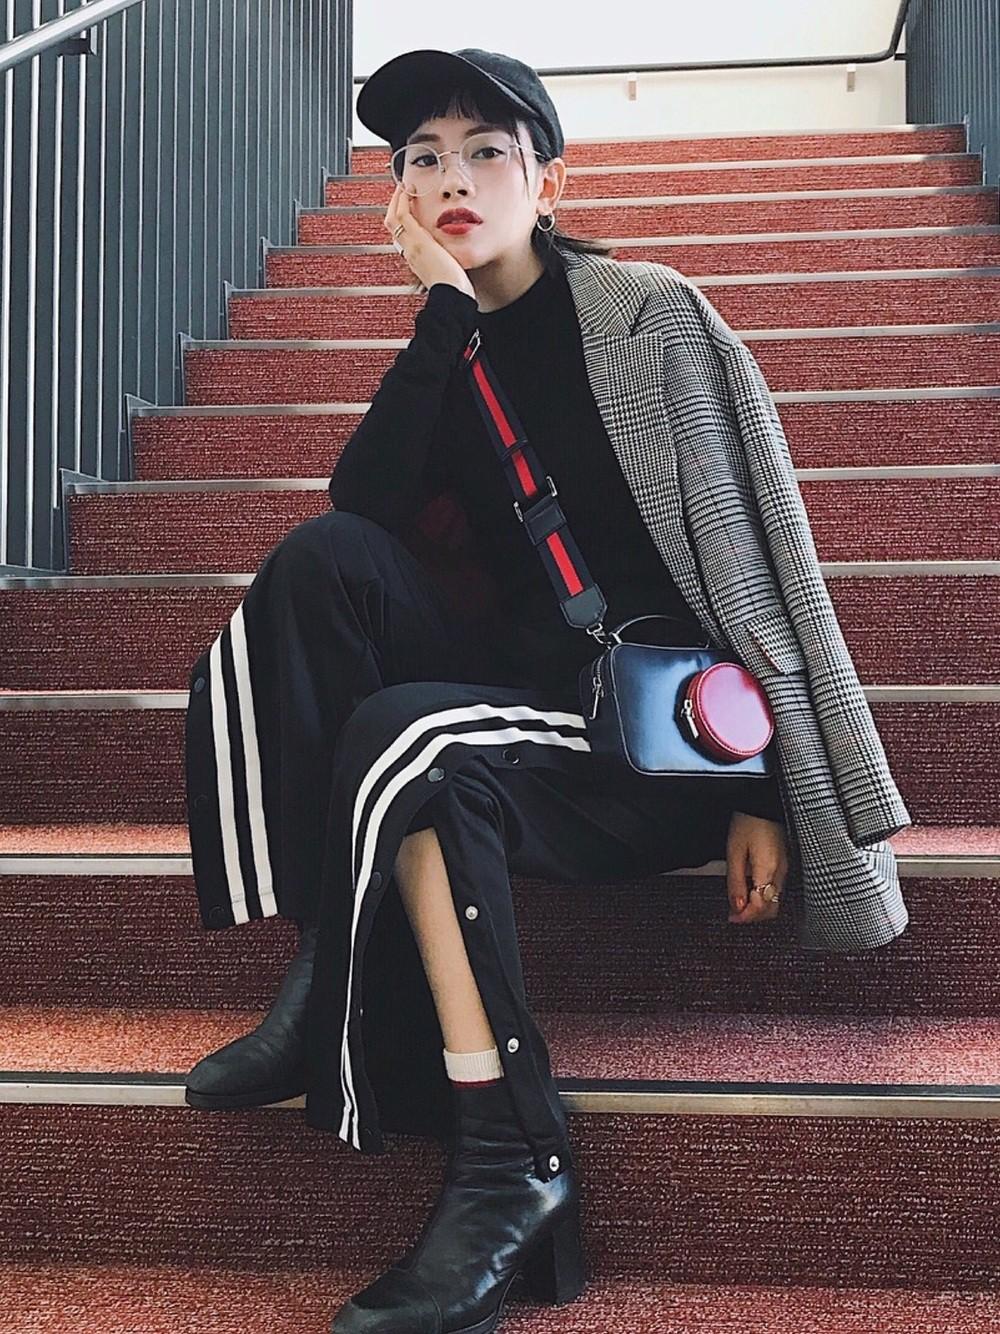 Tất tài không chỉ ấm và trendy mà còn dễ mix với đủ loại giày - Ảnh 3.